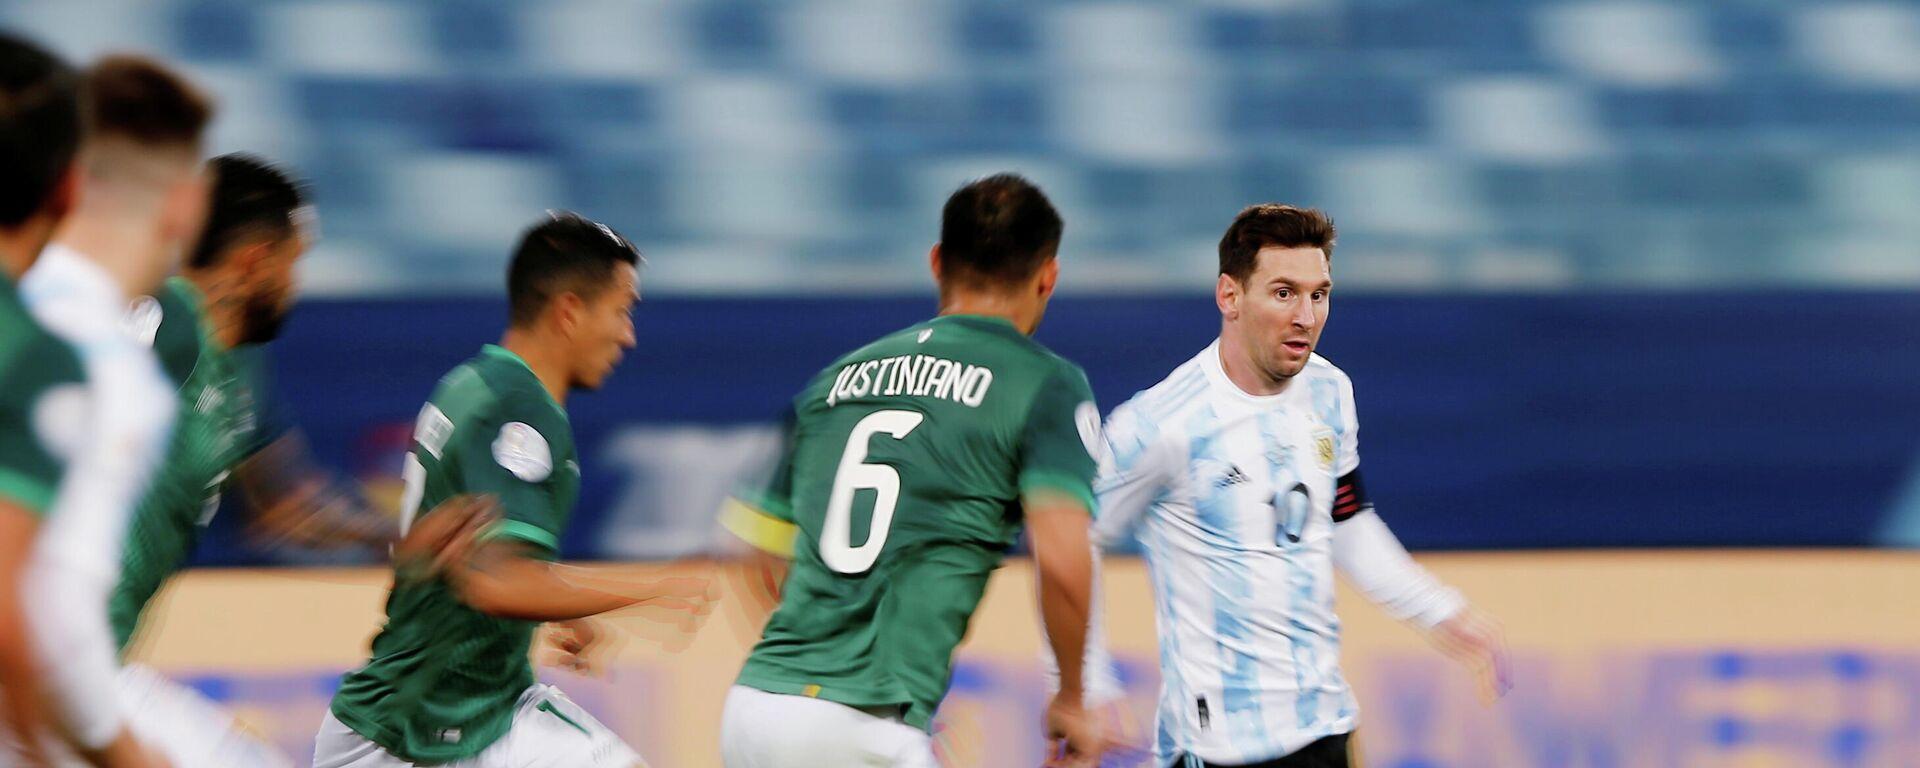 Leo Messi en el partido entre Argentina y Bolivia - Sputnik Mundo, 1920, 29.06.2021